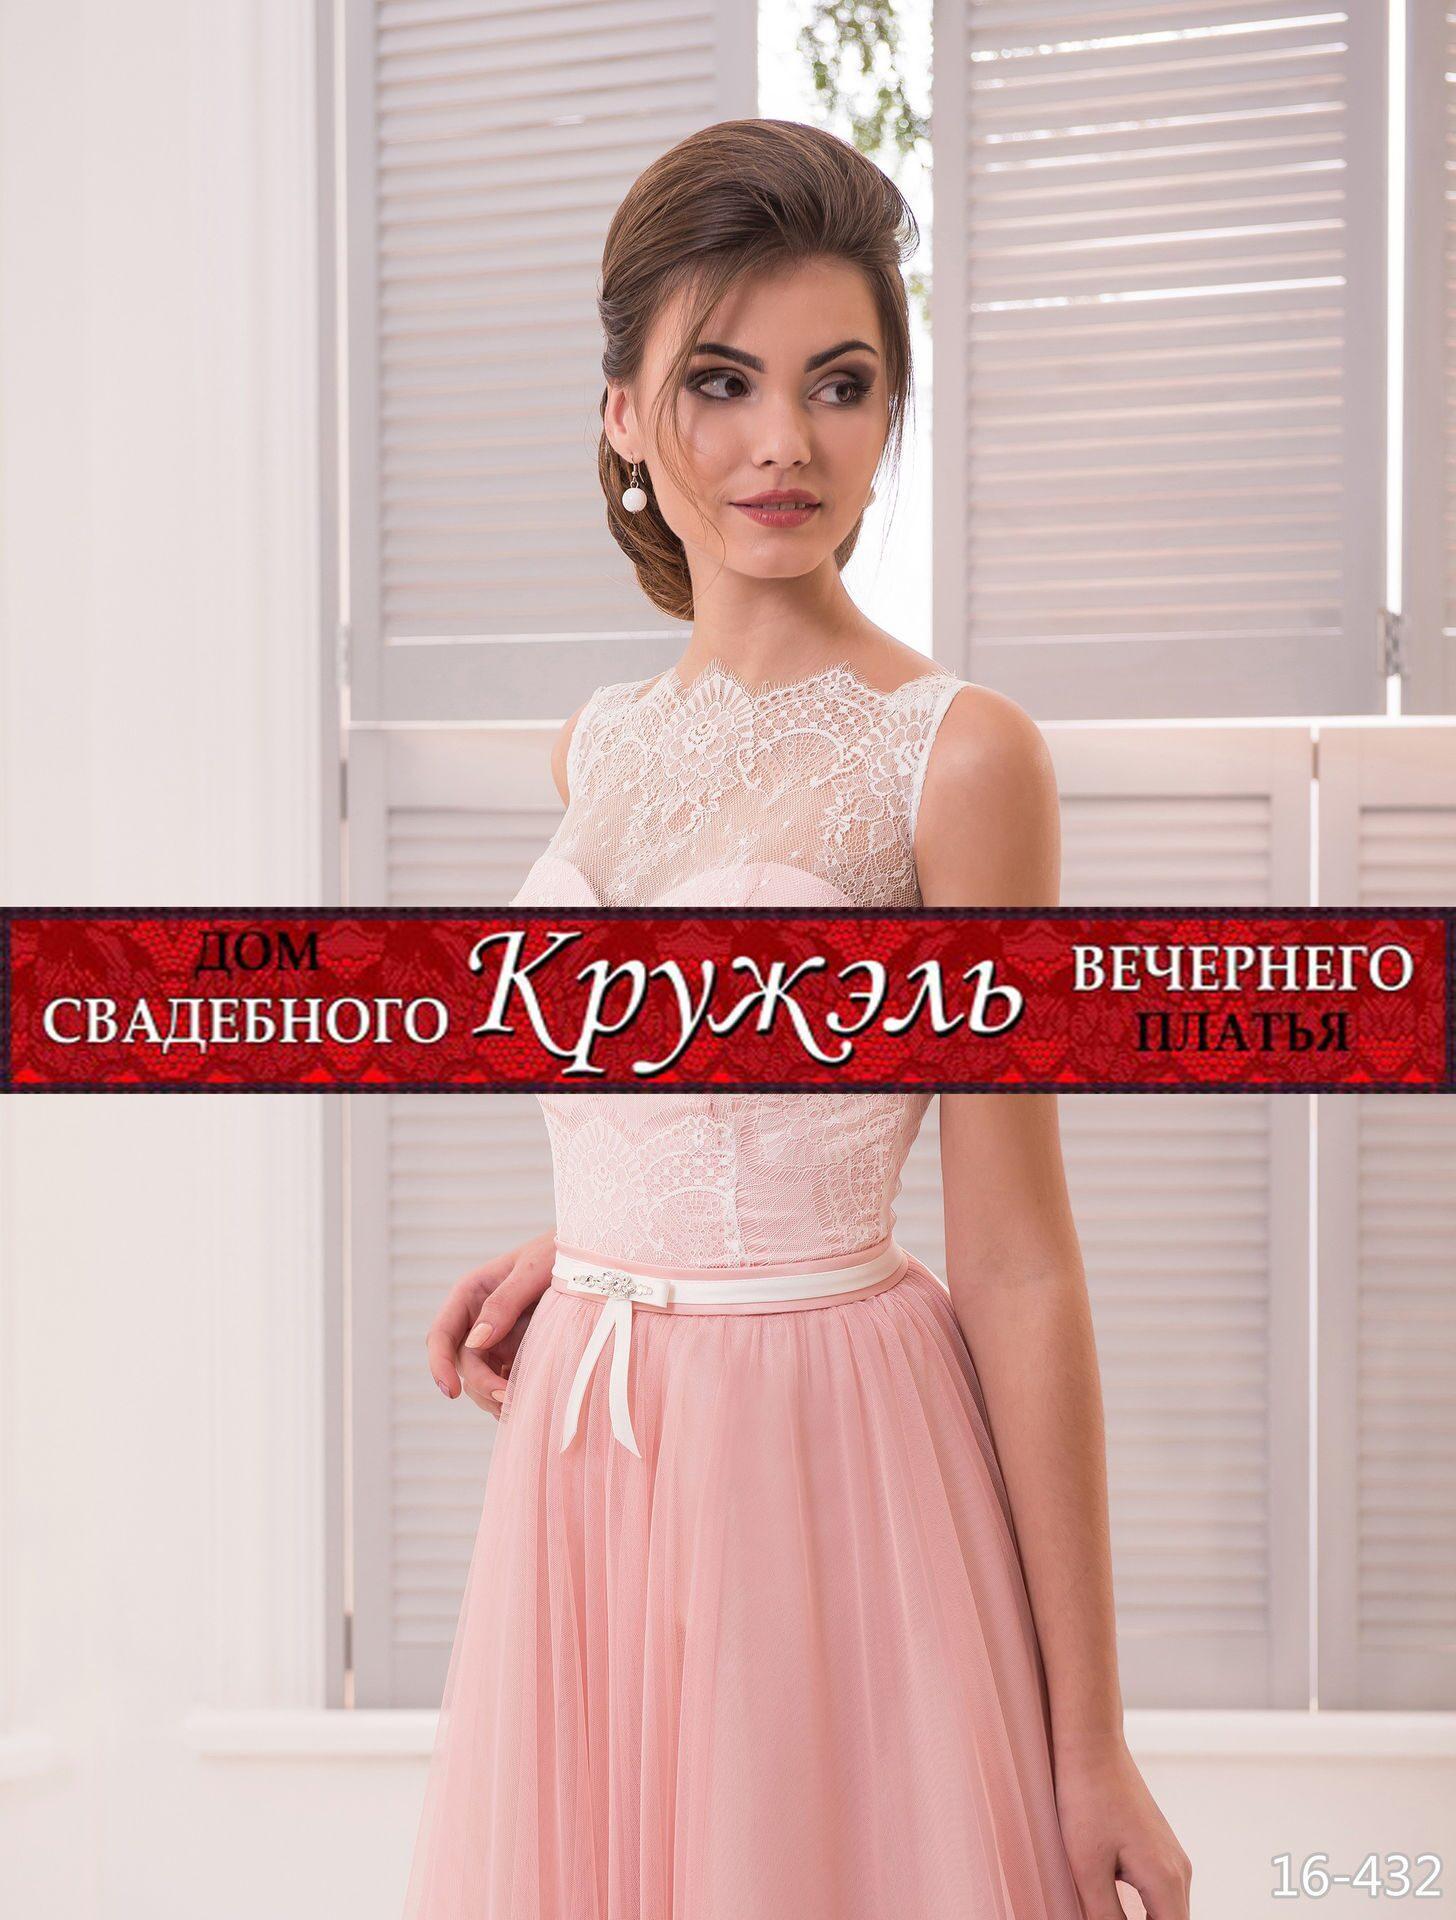 Платье Вечернее Уфа Купить